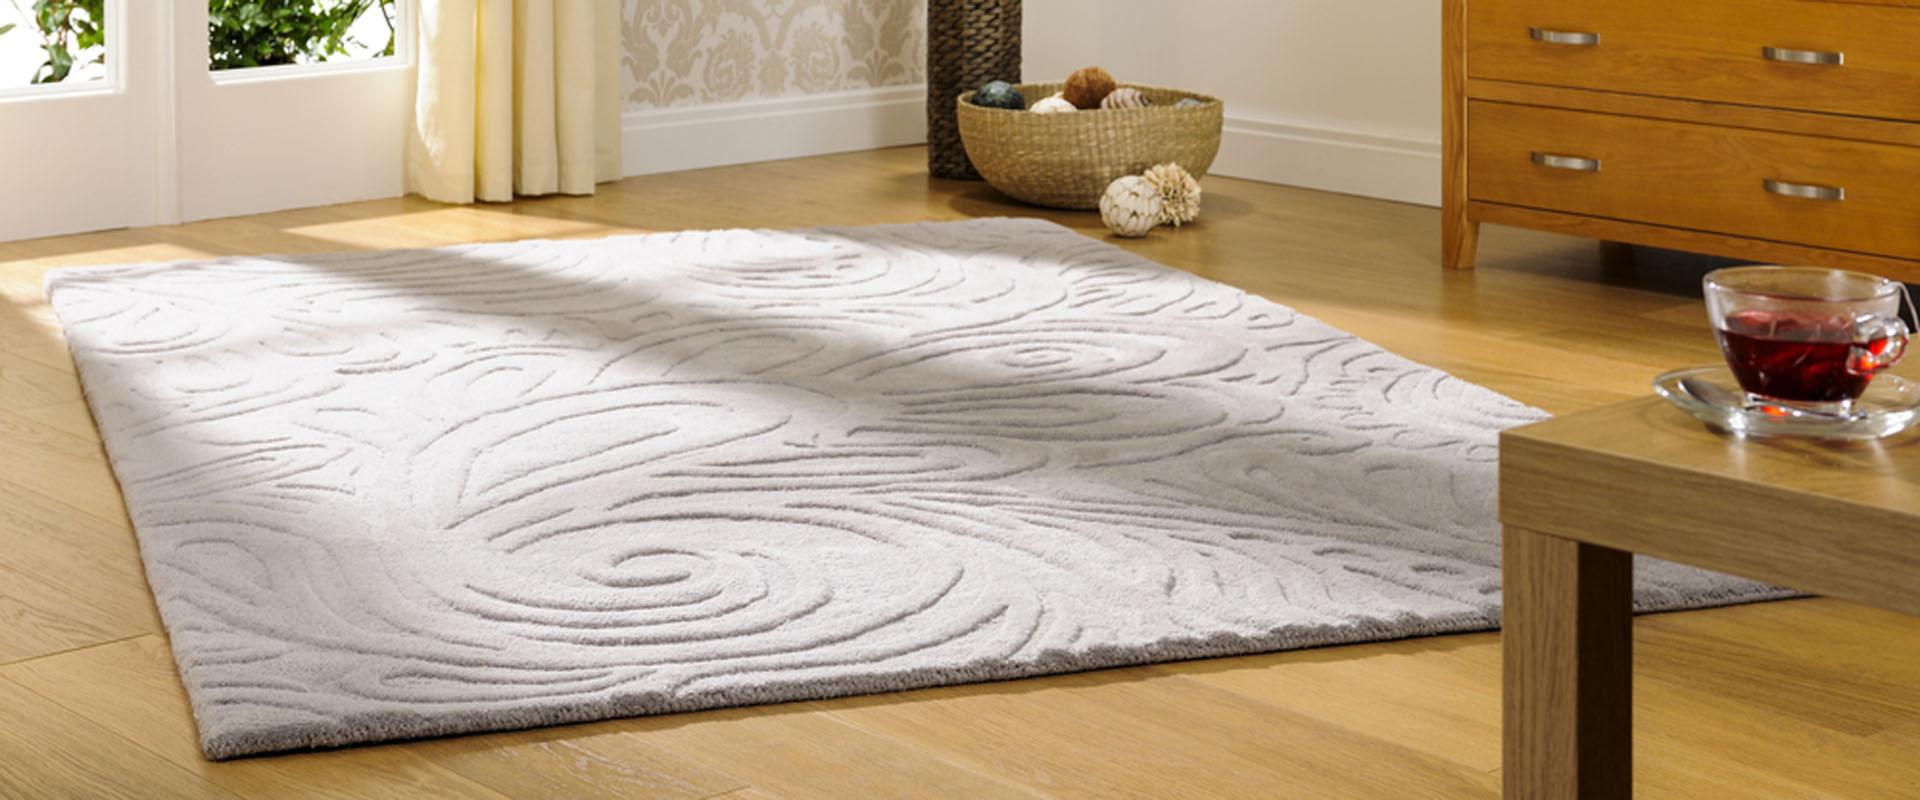 Karpet Mills Rugs